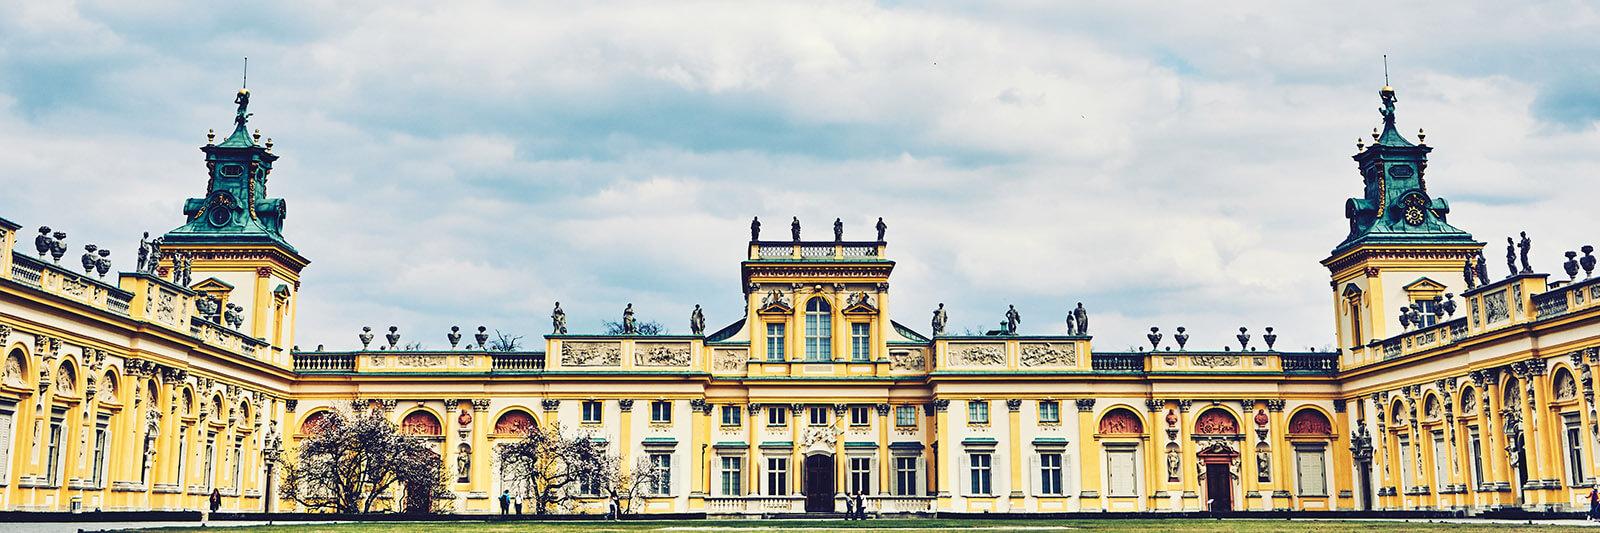 Wilanów Palace, Warszawa, Poland